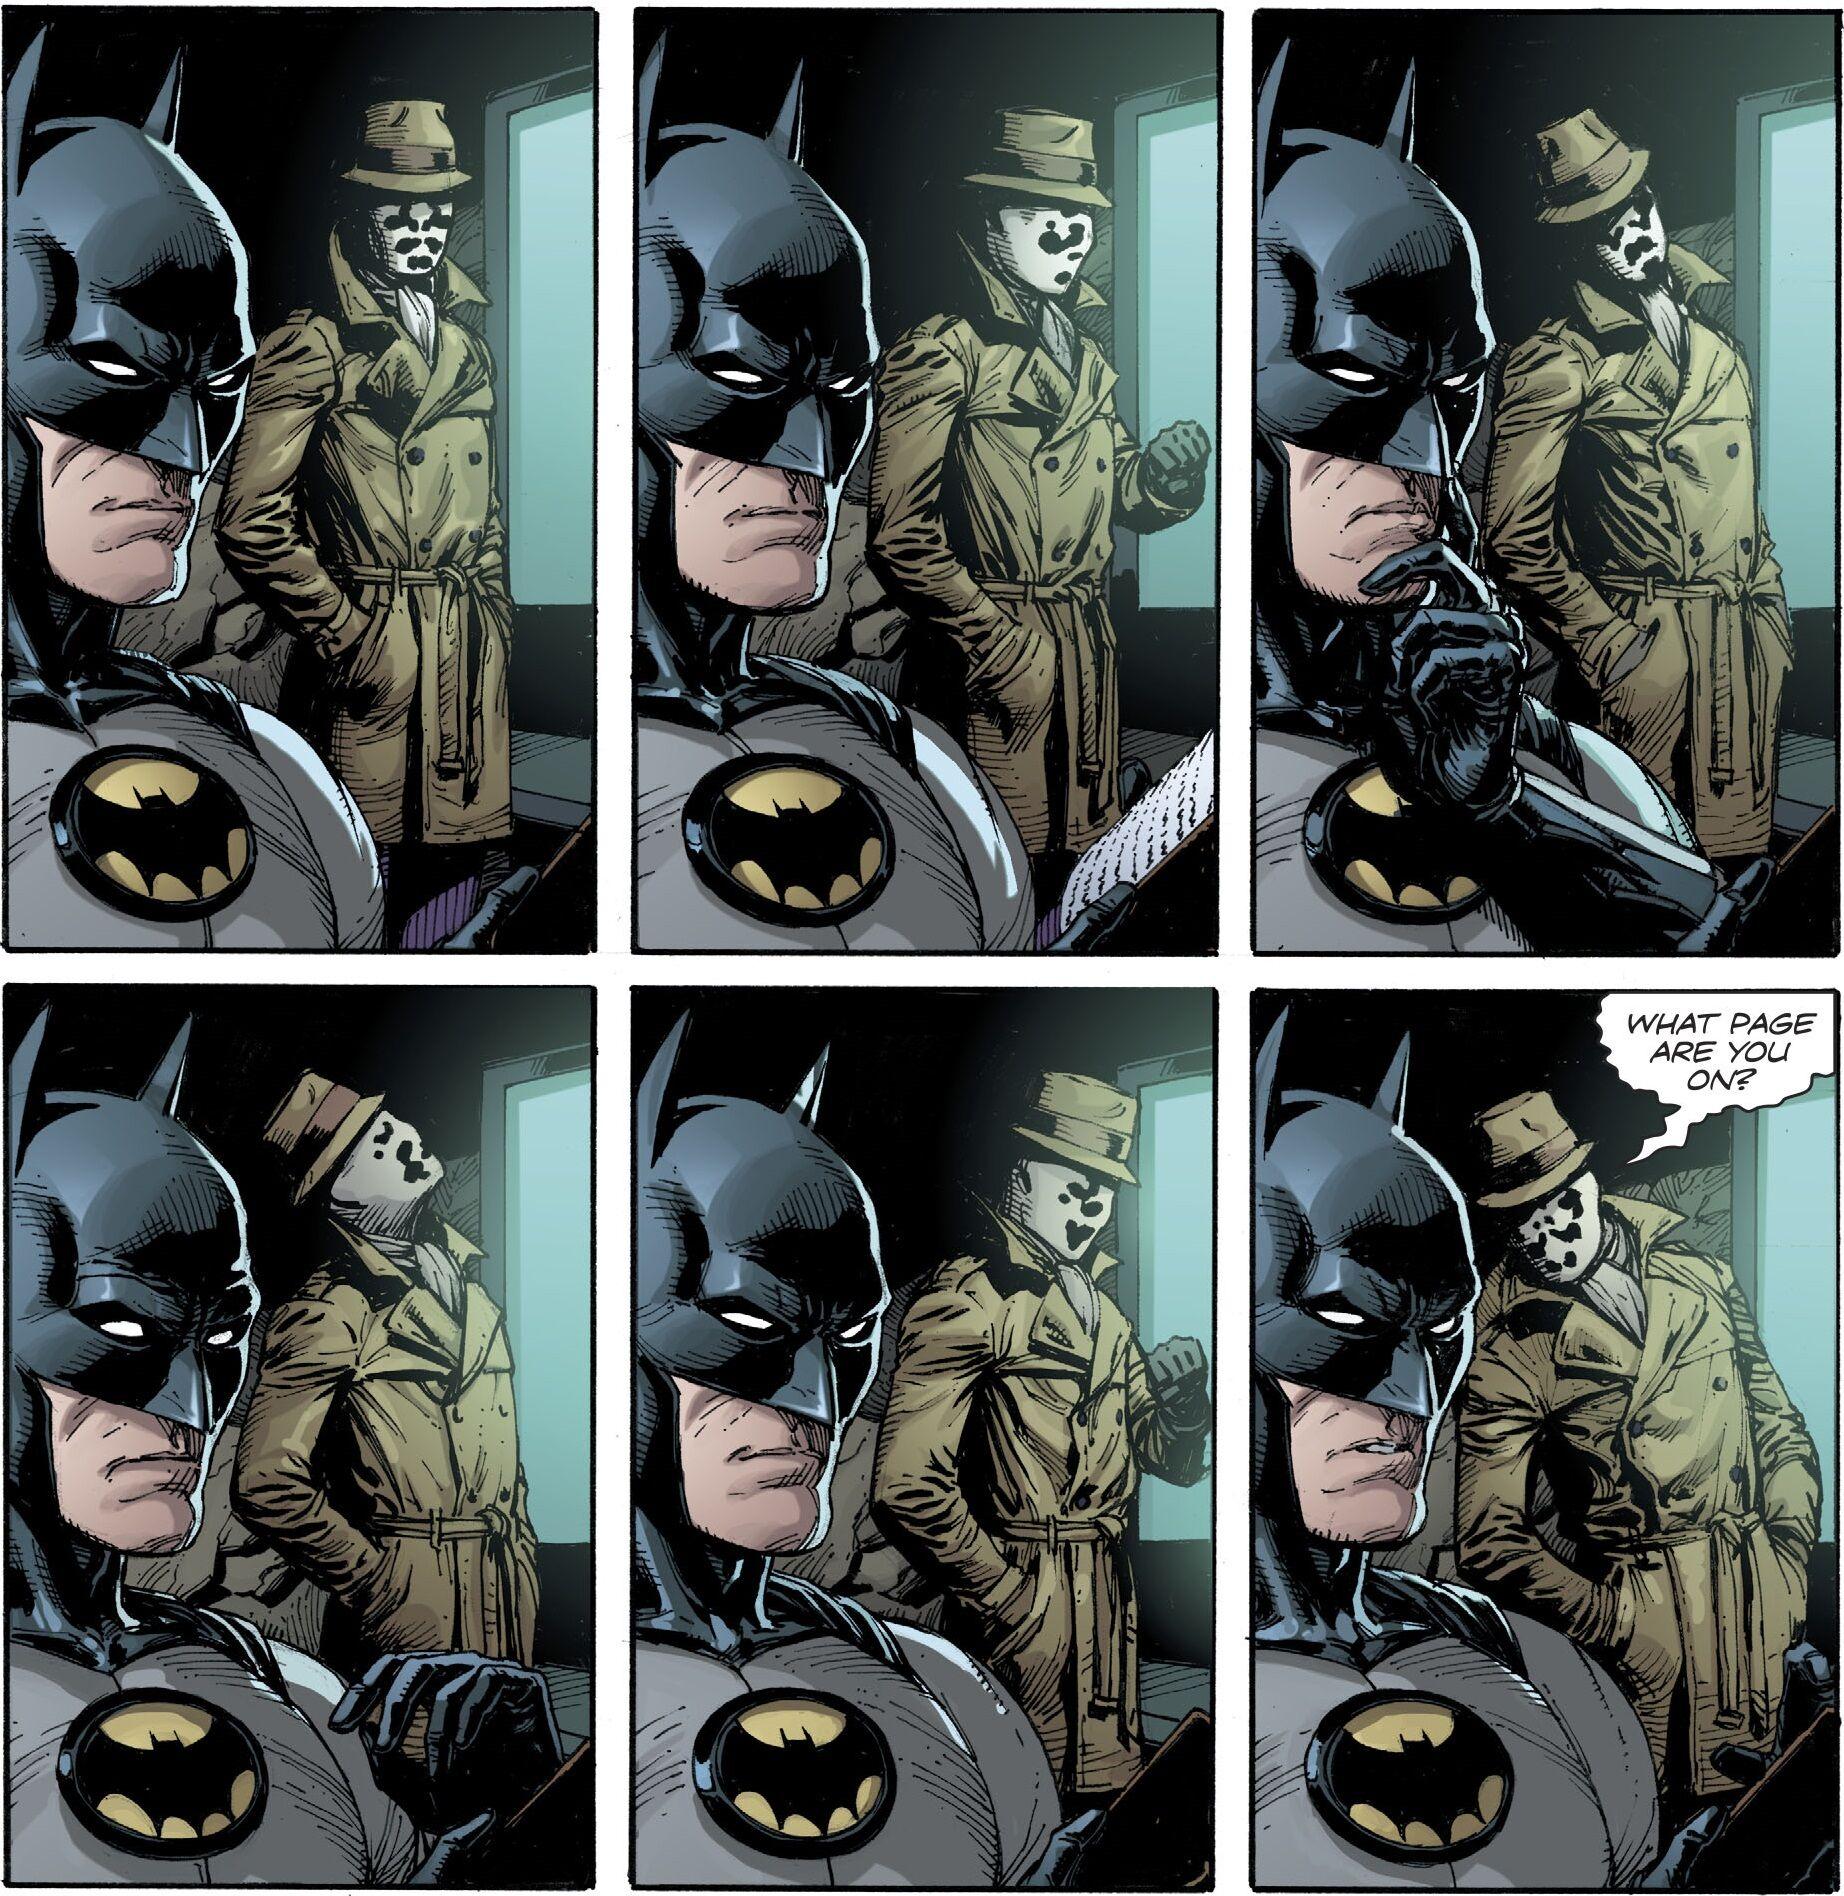 17 - Les comics que vous lisez en ce moment - Page 28 DoomsdayClock3-p12